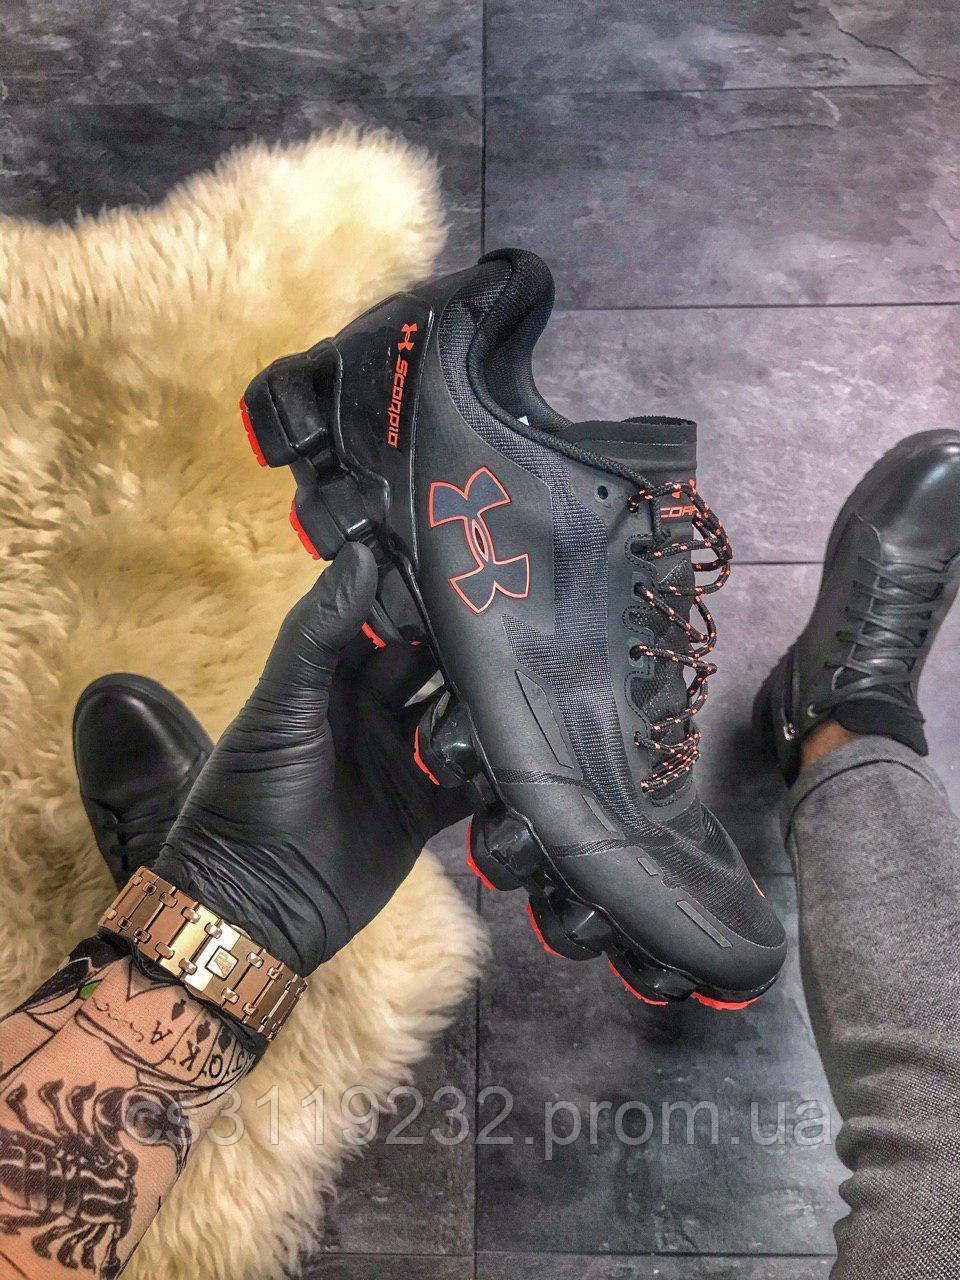 Мужские кроссовки Under Armour Scorpio Black orange (черные)